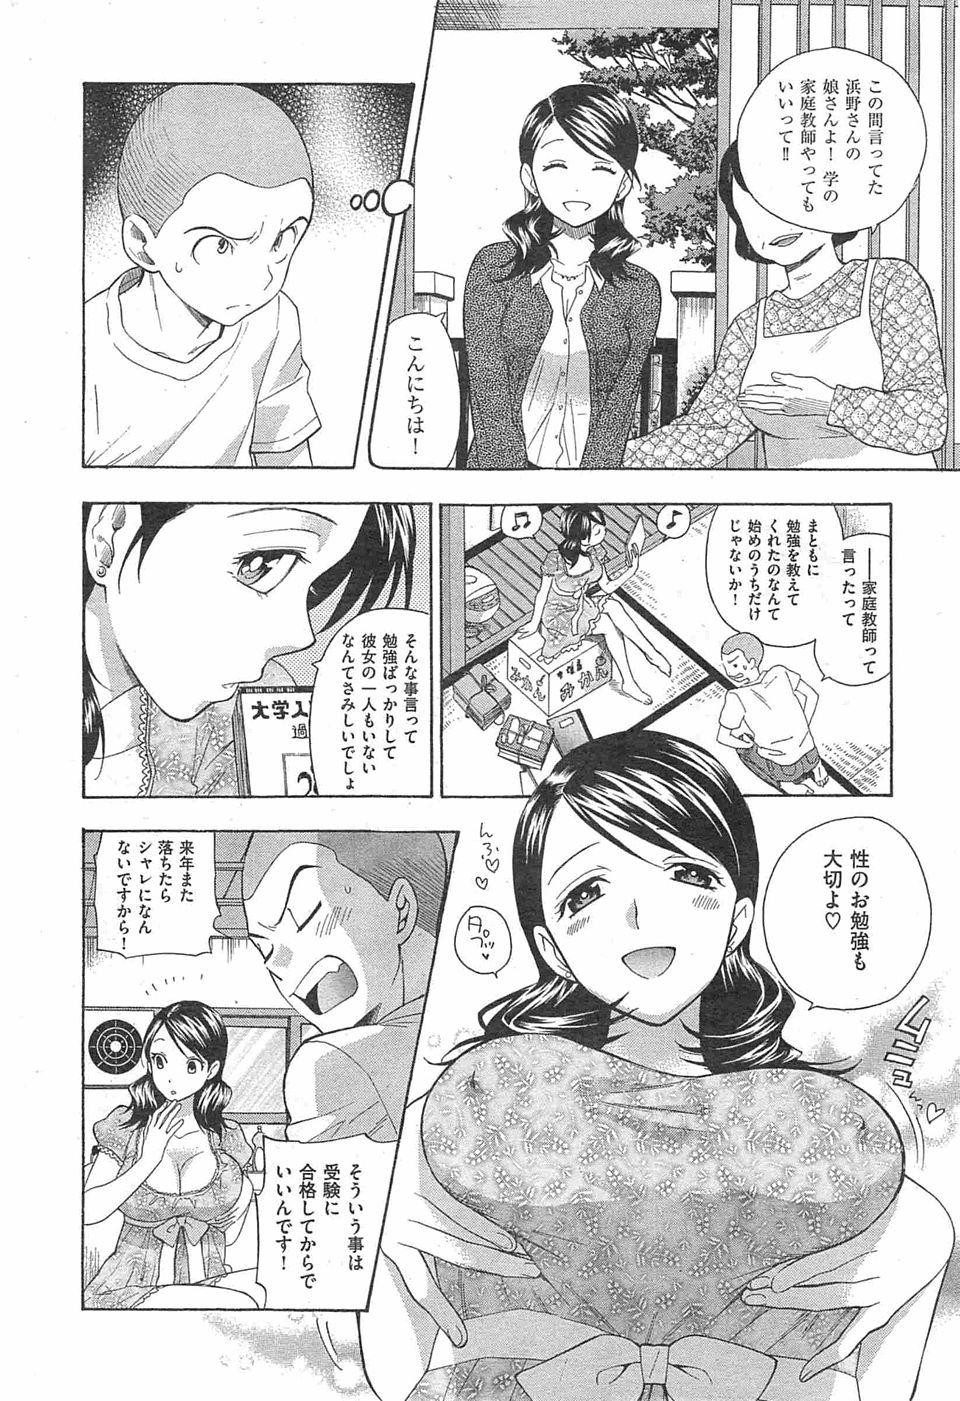 【エロ漫画・エロ同人誌】巨乳の家庭教師が誘惑してくるんだがwww (2)